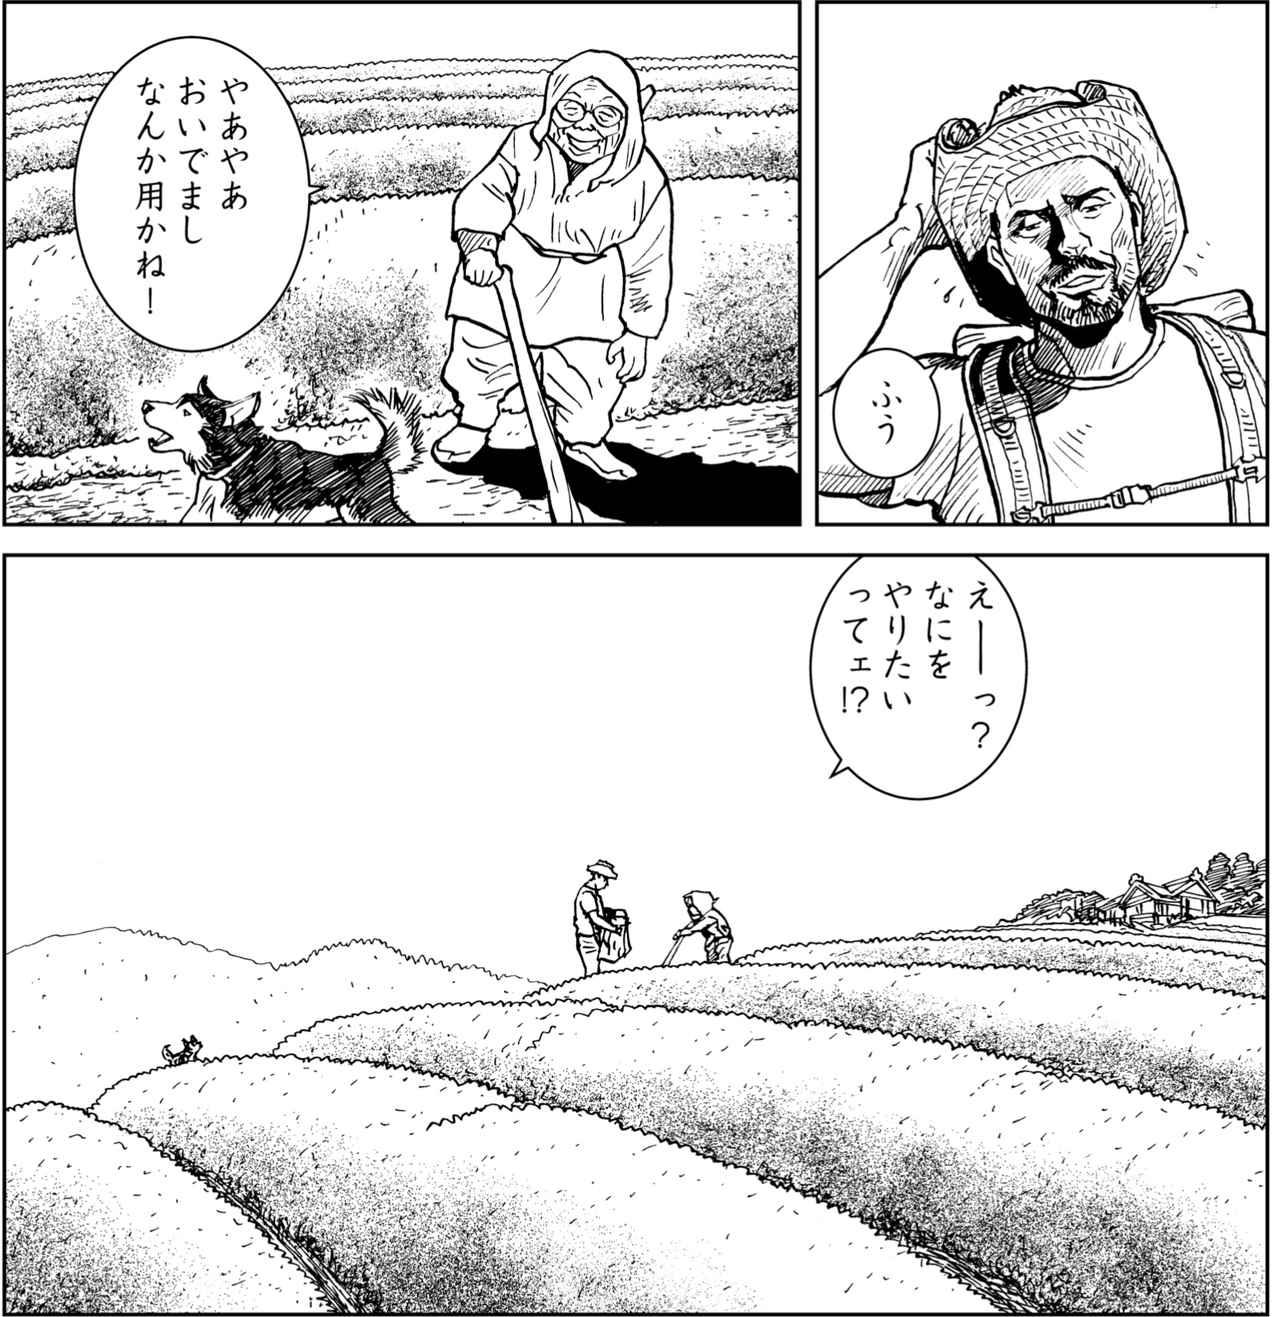 画像4: 不満が形になっているわけでもないが、ギアを替えるように生活を変えたくなってきている松ちゃん?